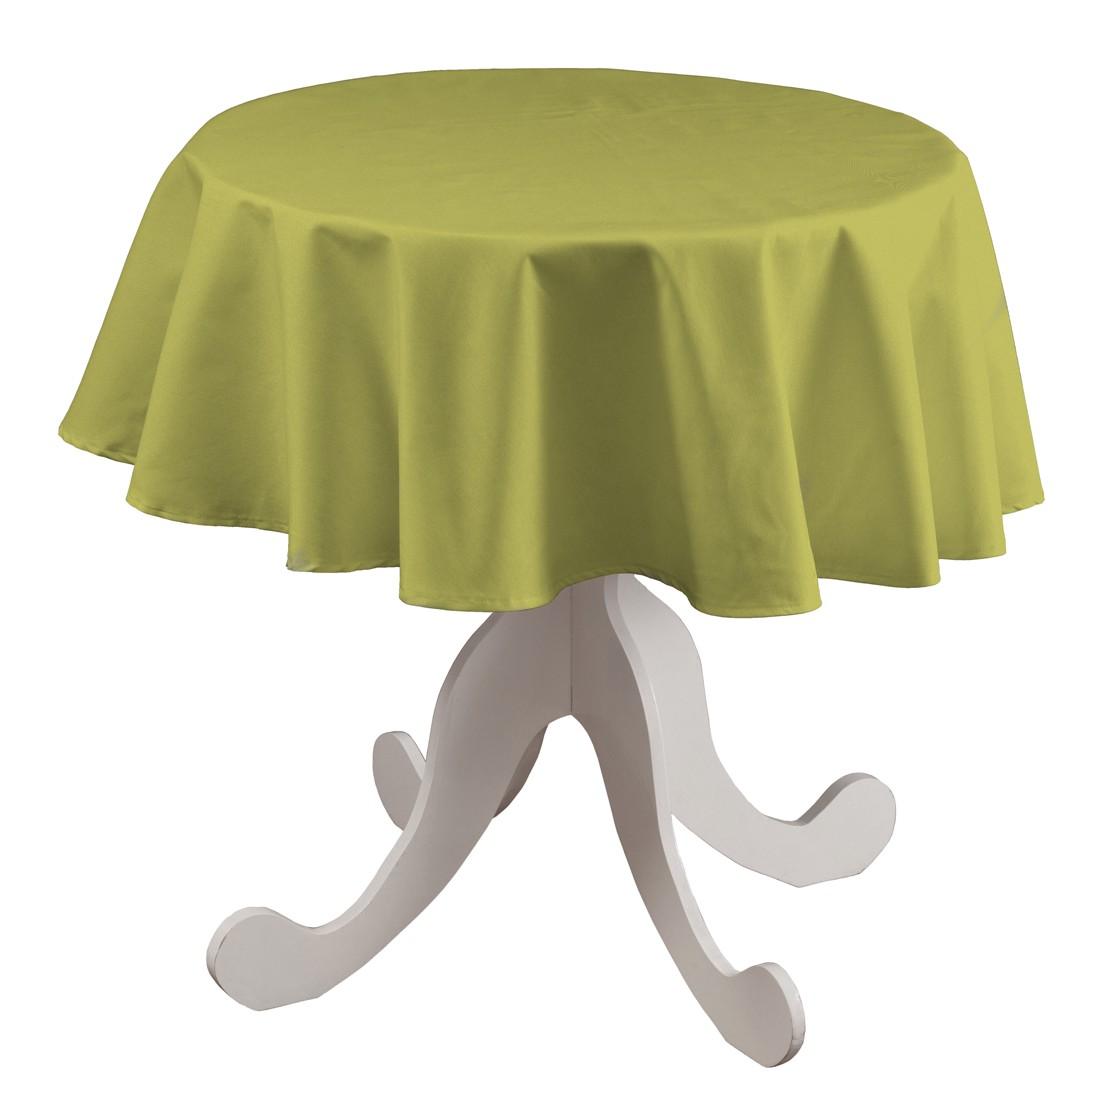 Tischdecke Loneta Rund – Olivgrün, Dekoria online bestellen